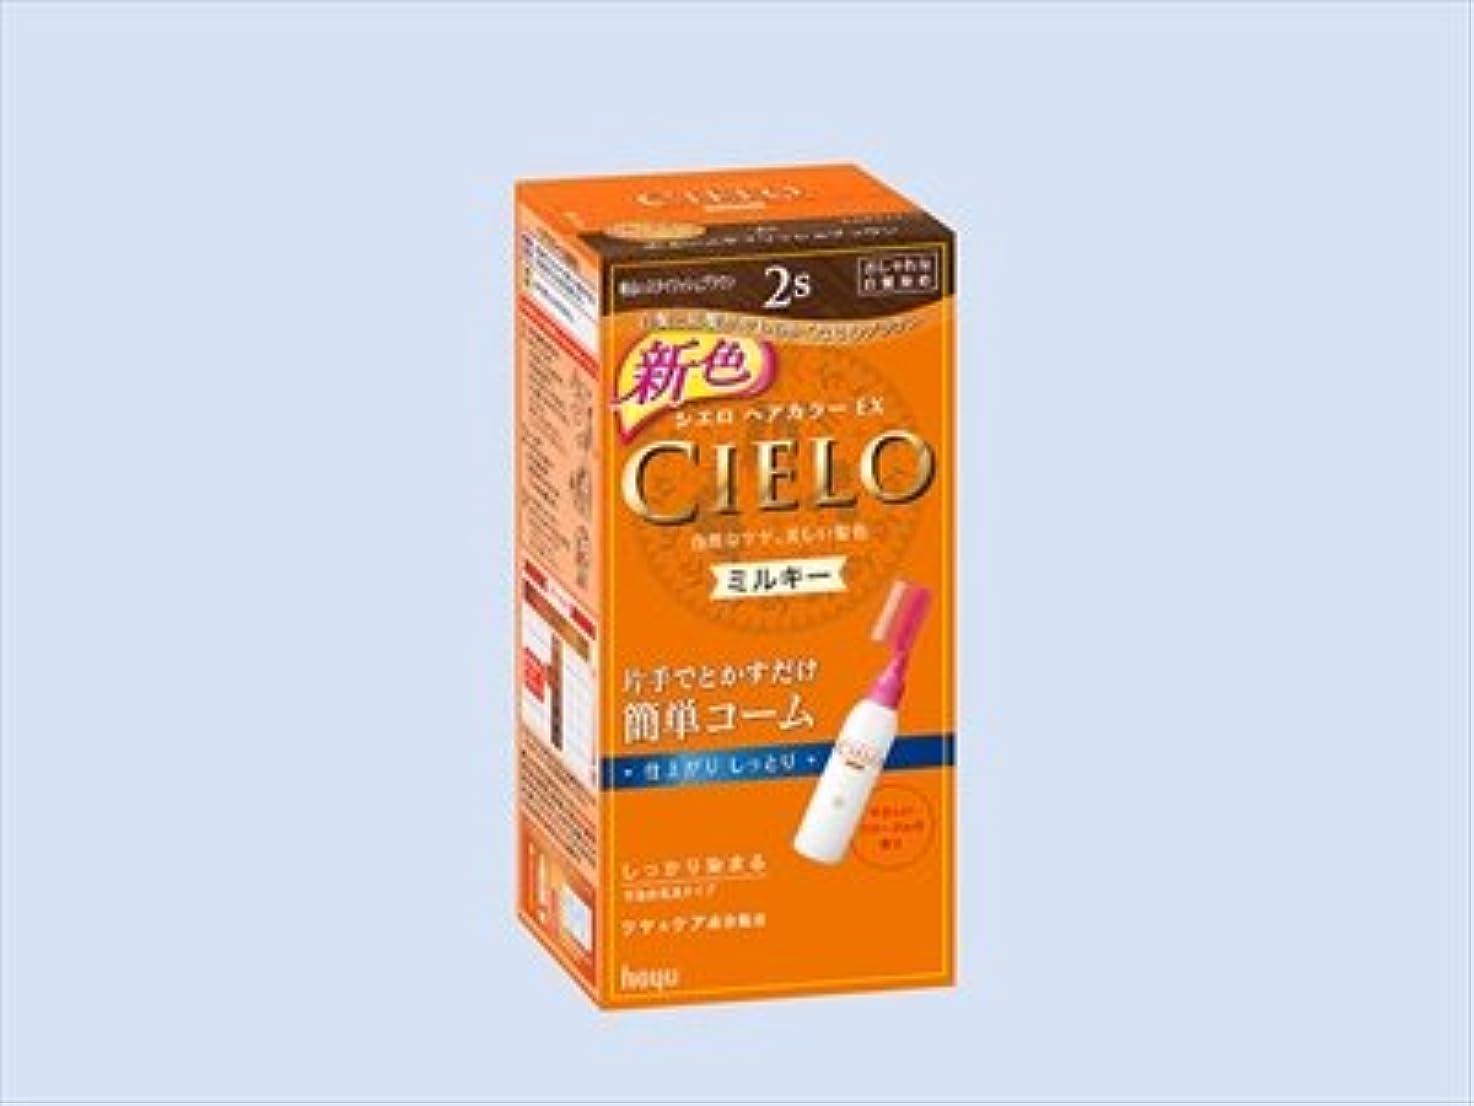 腐敗豆腐終わりシエロ ヘアカラー EX ミルキー 2S 明るいスタイリッシュブラウン × 27個セット